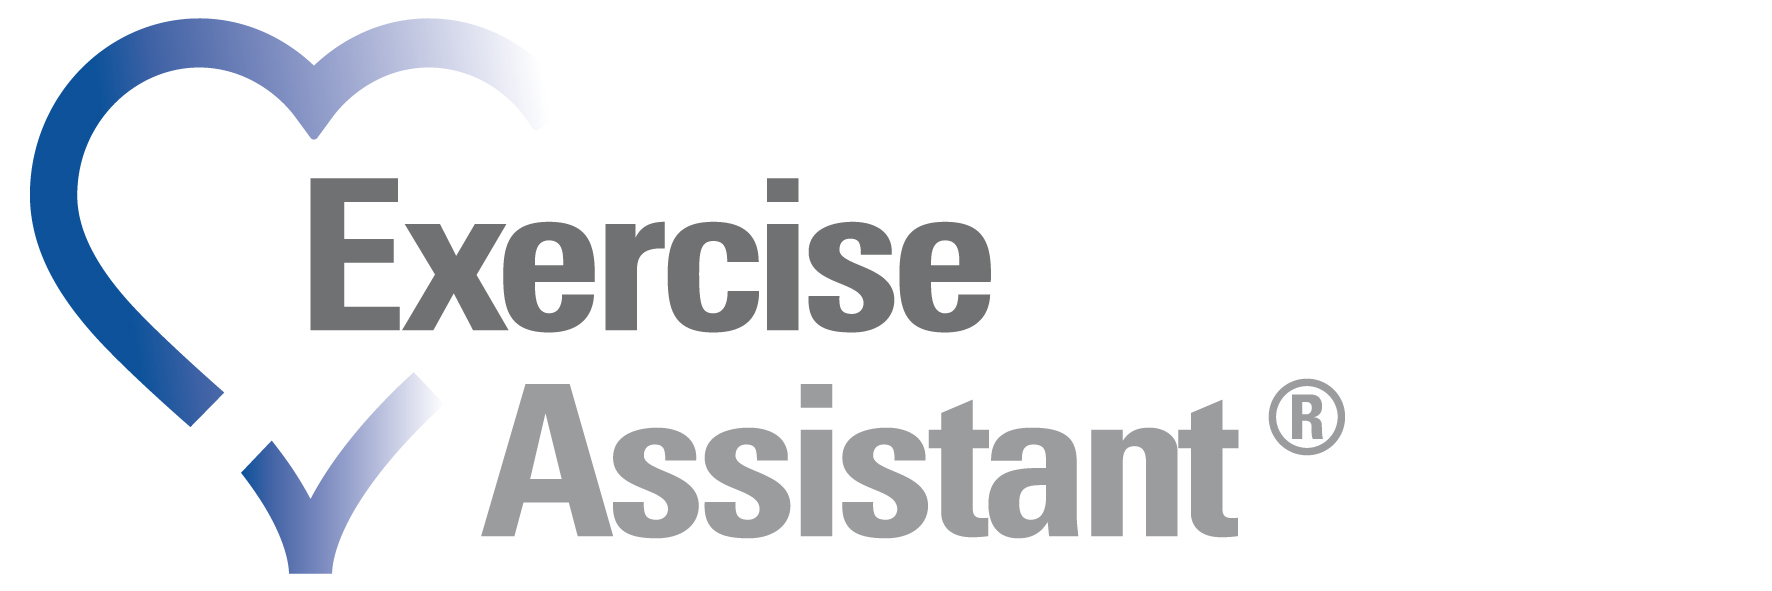 Exercise Assistant Individueel Trainingsschema bij Fitness de Bataaf - Sportschool Den Haag.